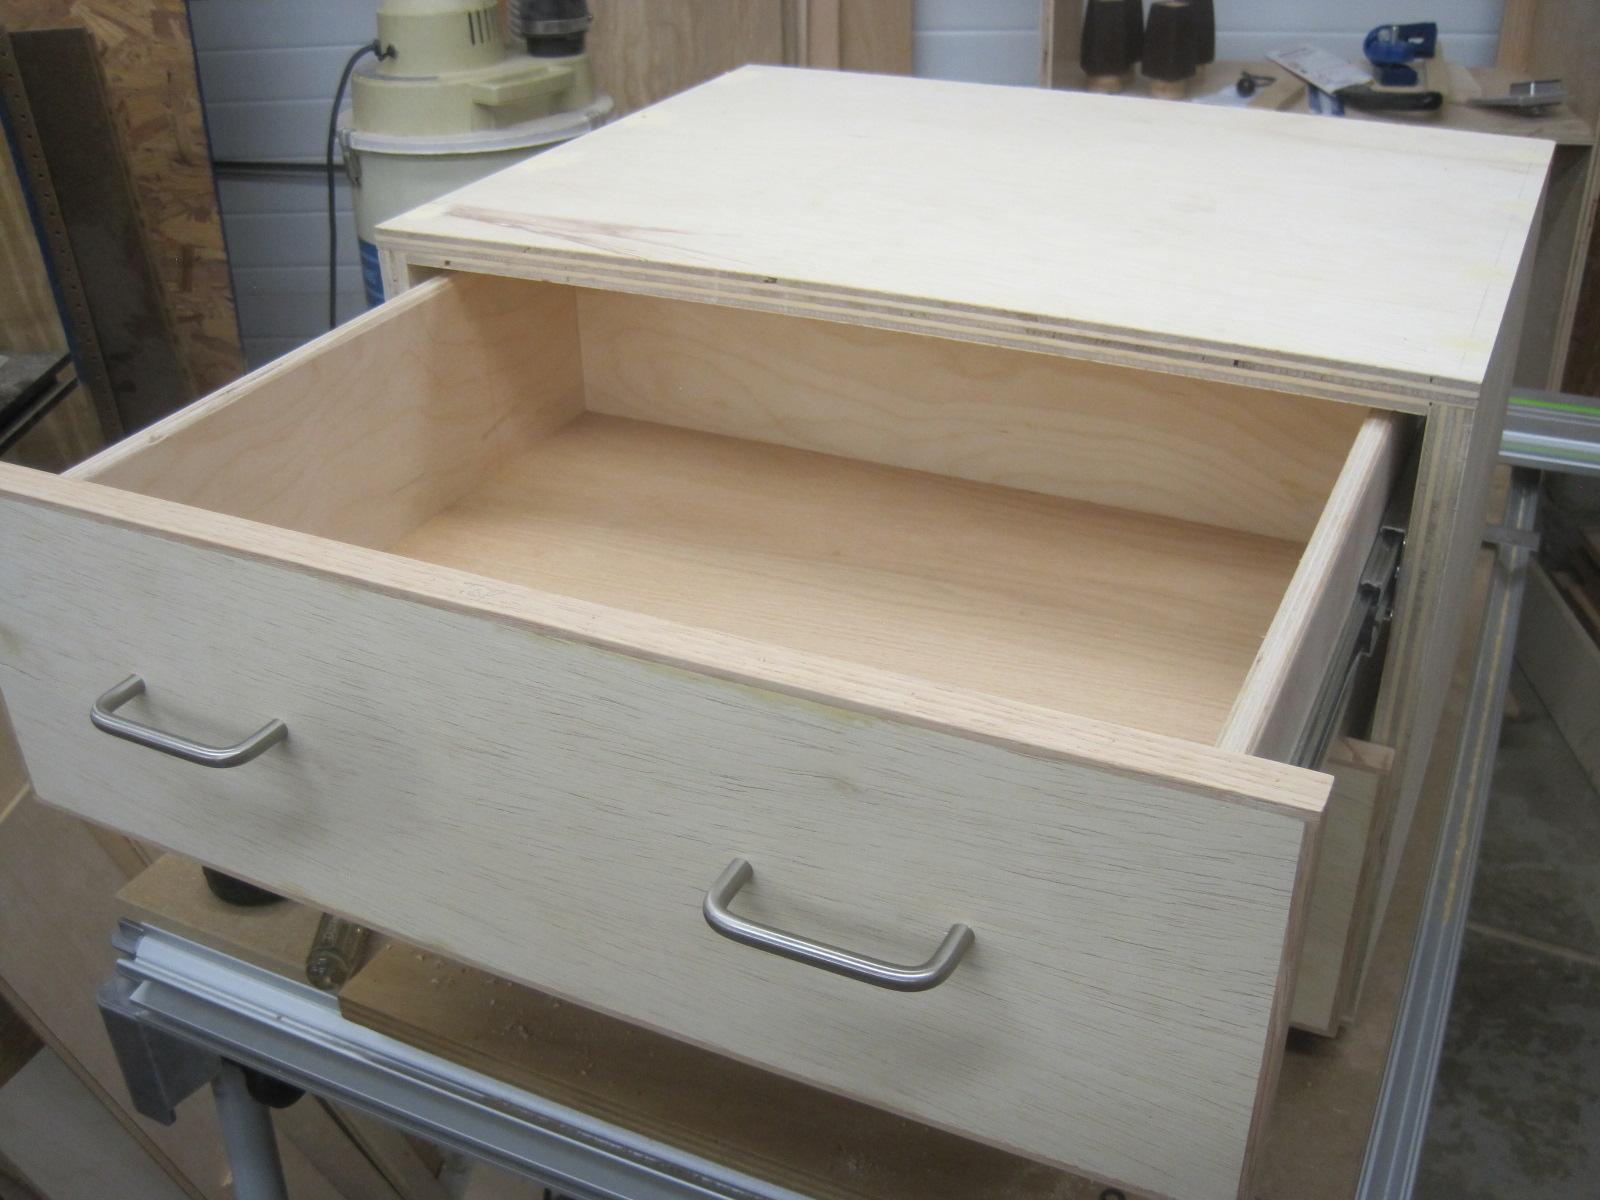 Router Bit Storage Cabinet-img_5110.jpg